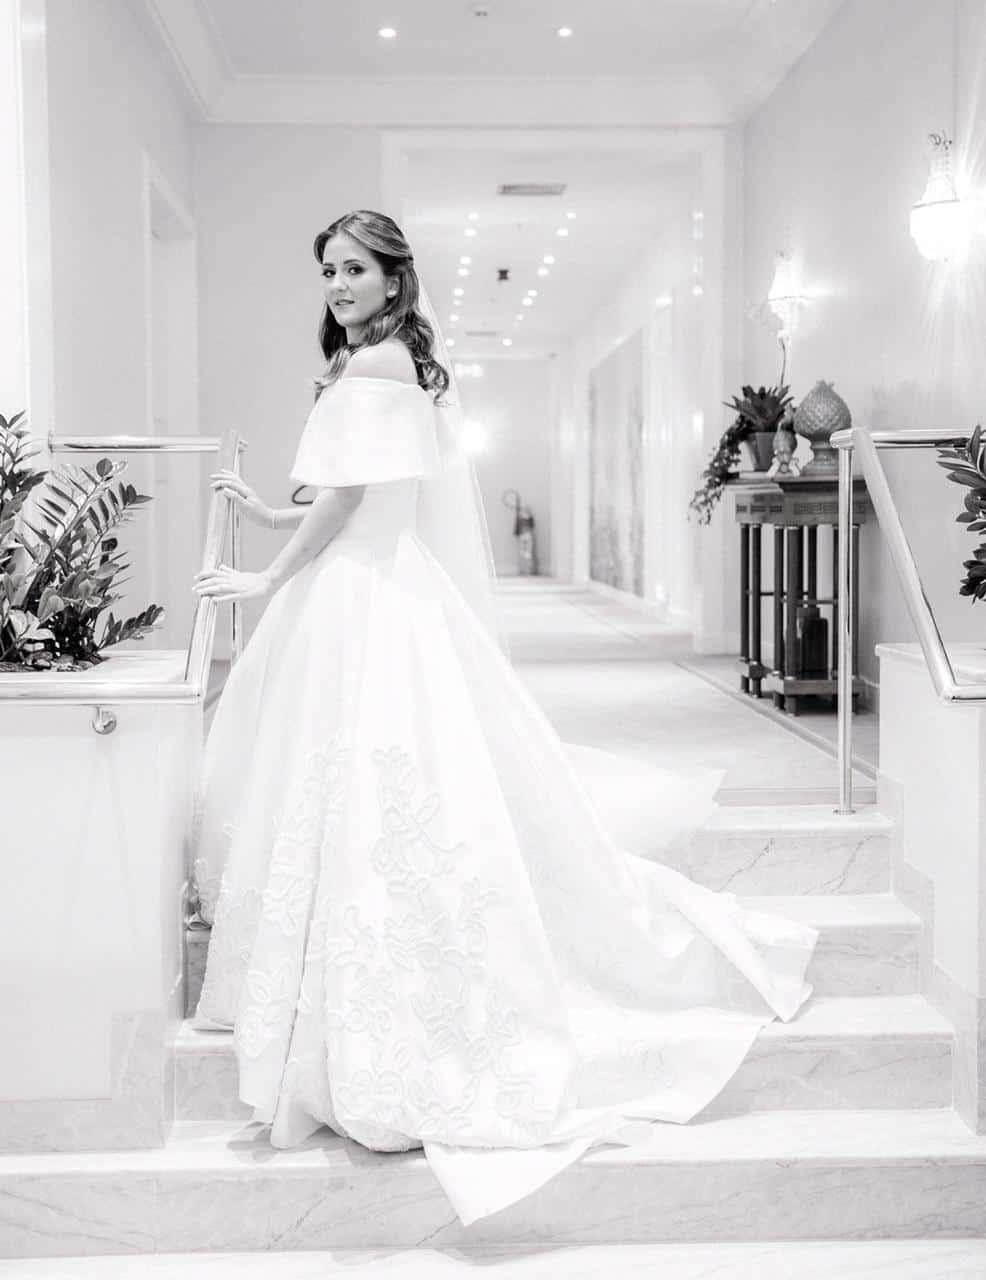 casamento-clássico-casamento-tradicional-casamento-fabiane-e-gustavo-copacabana-palace-rio-de-janeiro-Fotografa-Rodrigo-Sack-120